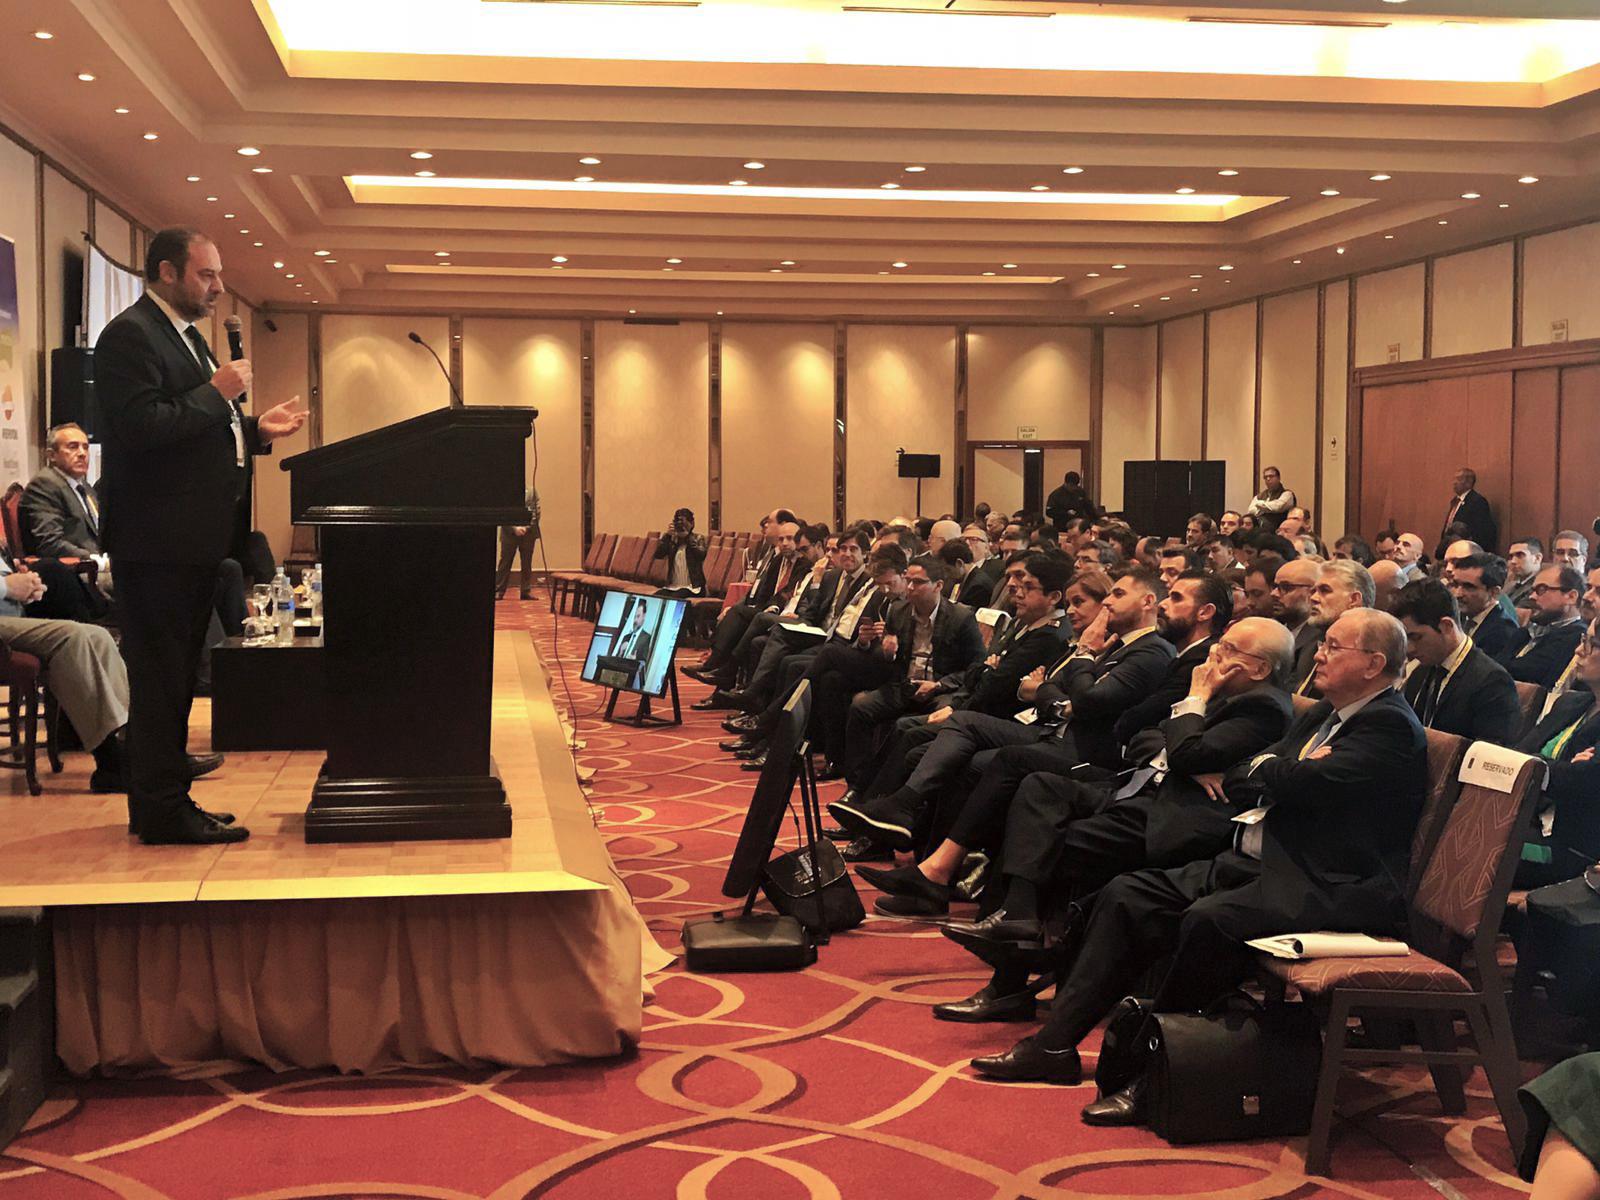 inauguracion discurso Abalos